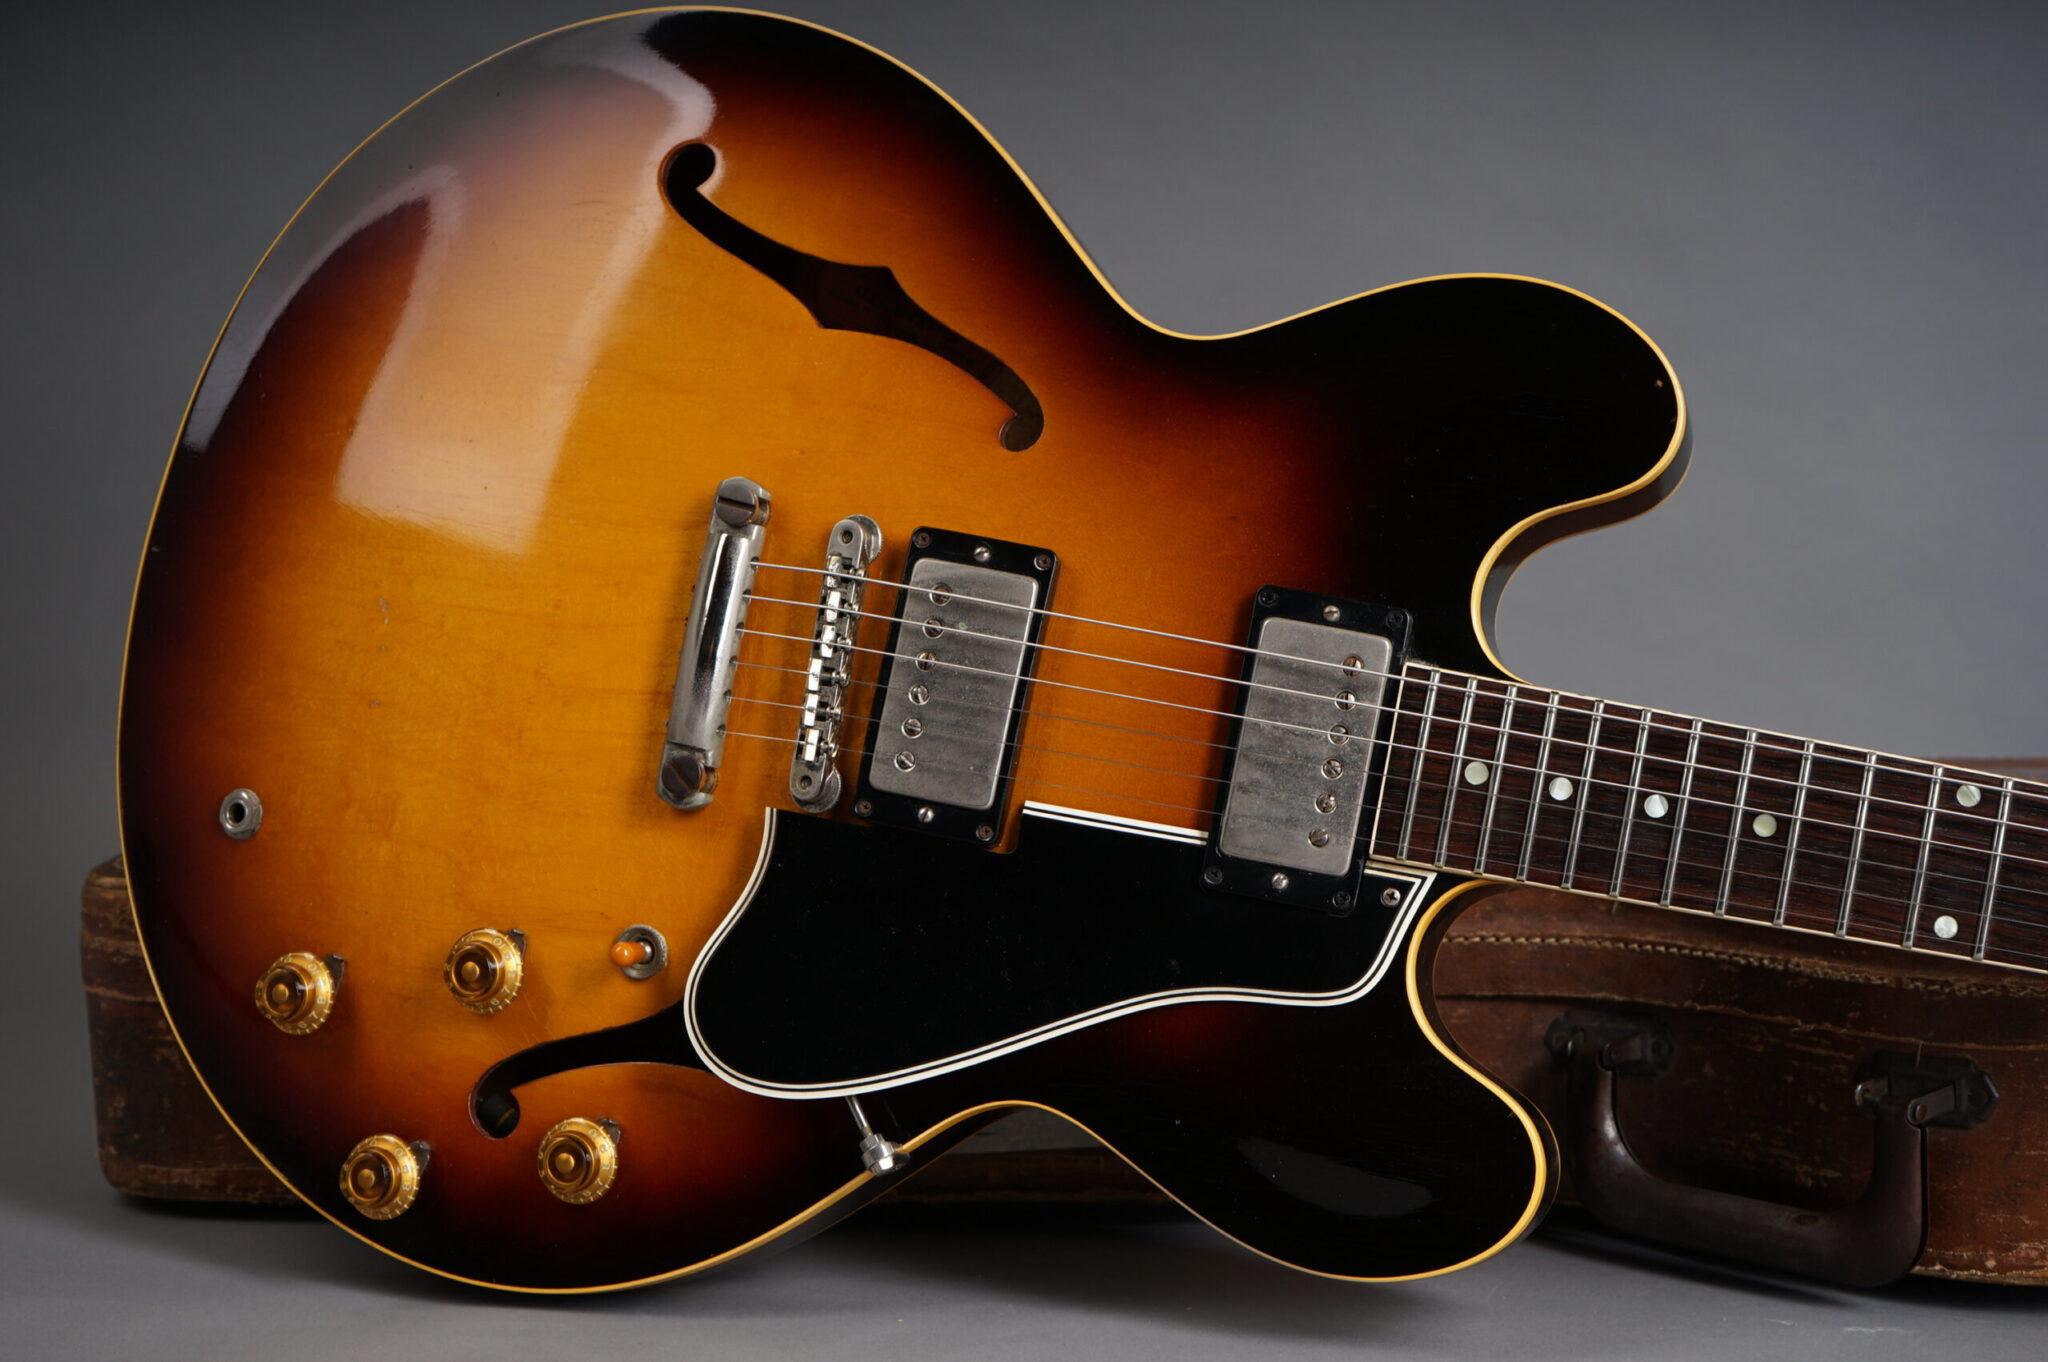 https://guitarpoint.de/app/uploads/products/1959-gibson-es-335td-sunburst/1959-Gibson-Es-335TD-A31582-10-scaled-2048x1362.jpg